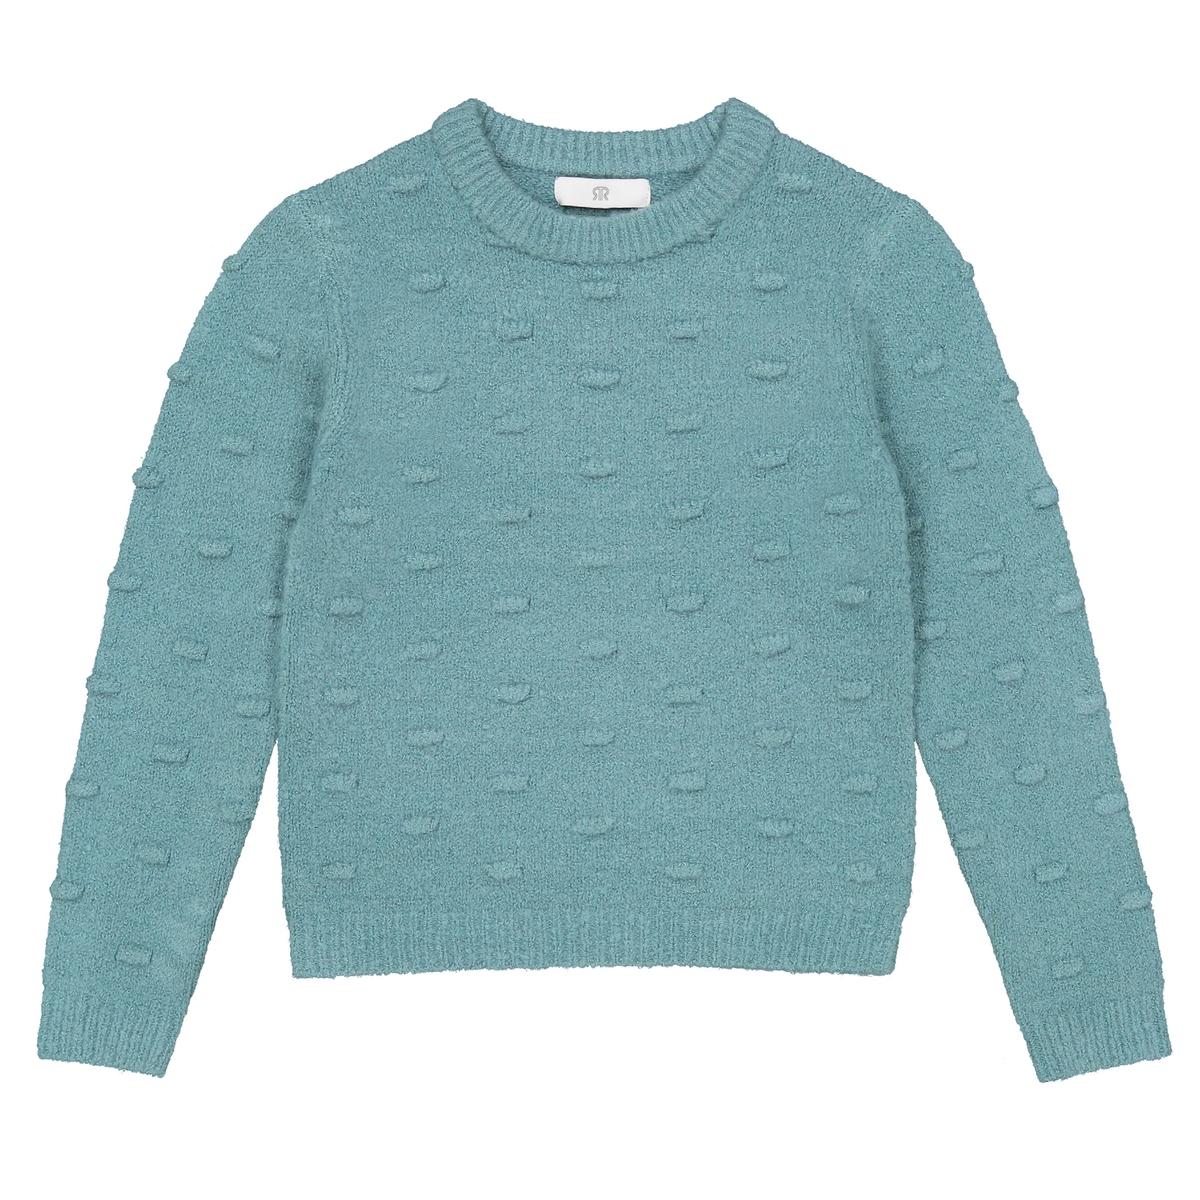 Пуловер La Redoute С круглым вырезом из плотного трикотажа 12 лет -150 см синий цена